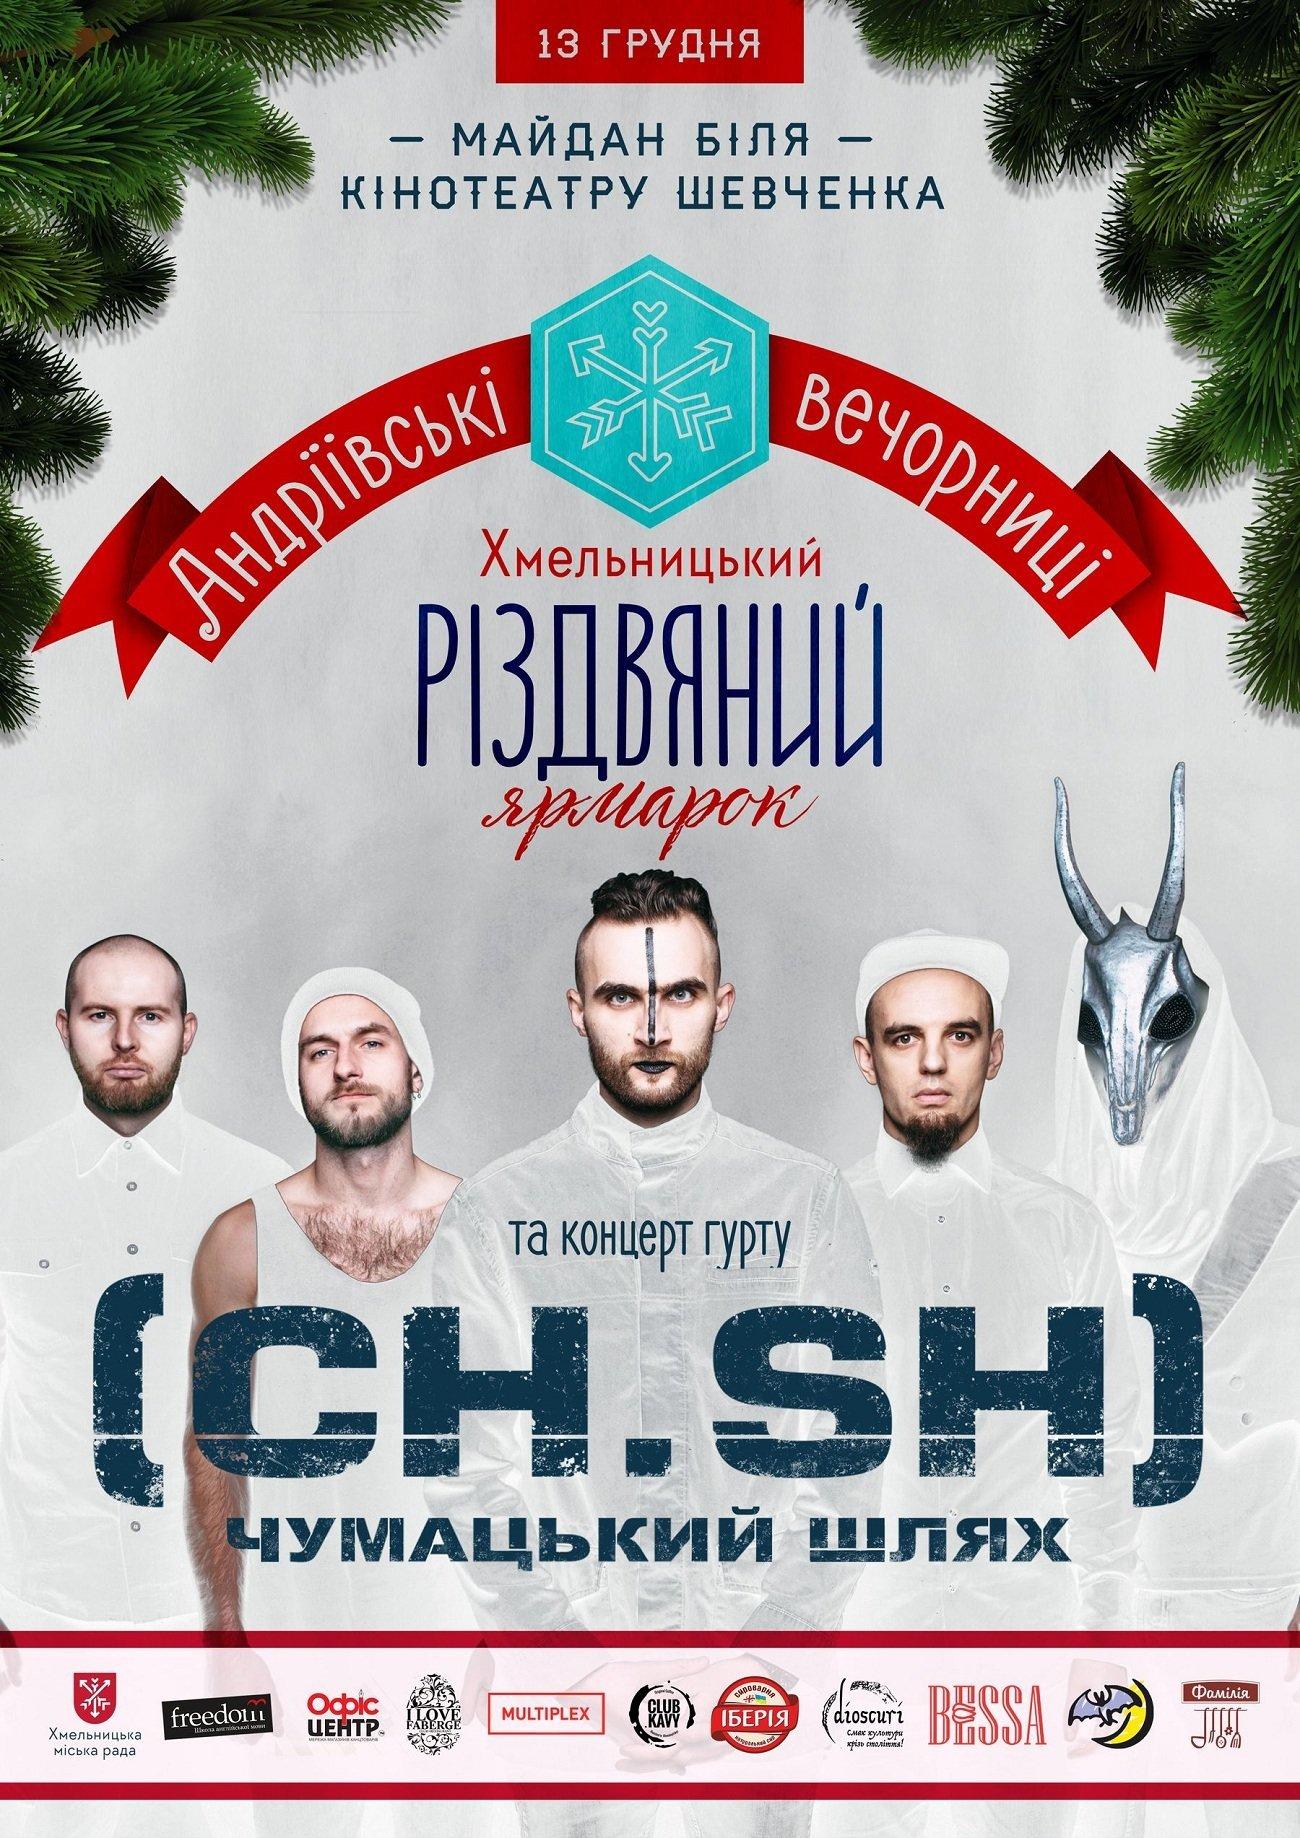 """Хмельничан запрошують на концерт """"Андріївські вечорниці"""", фото-1"""